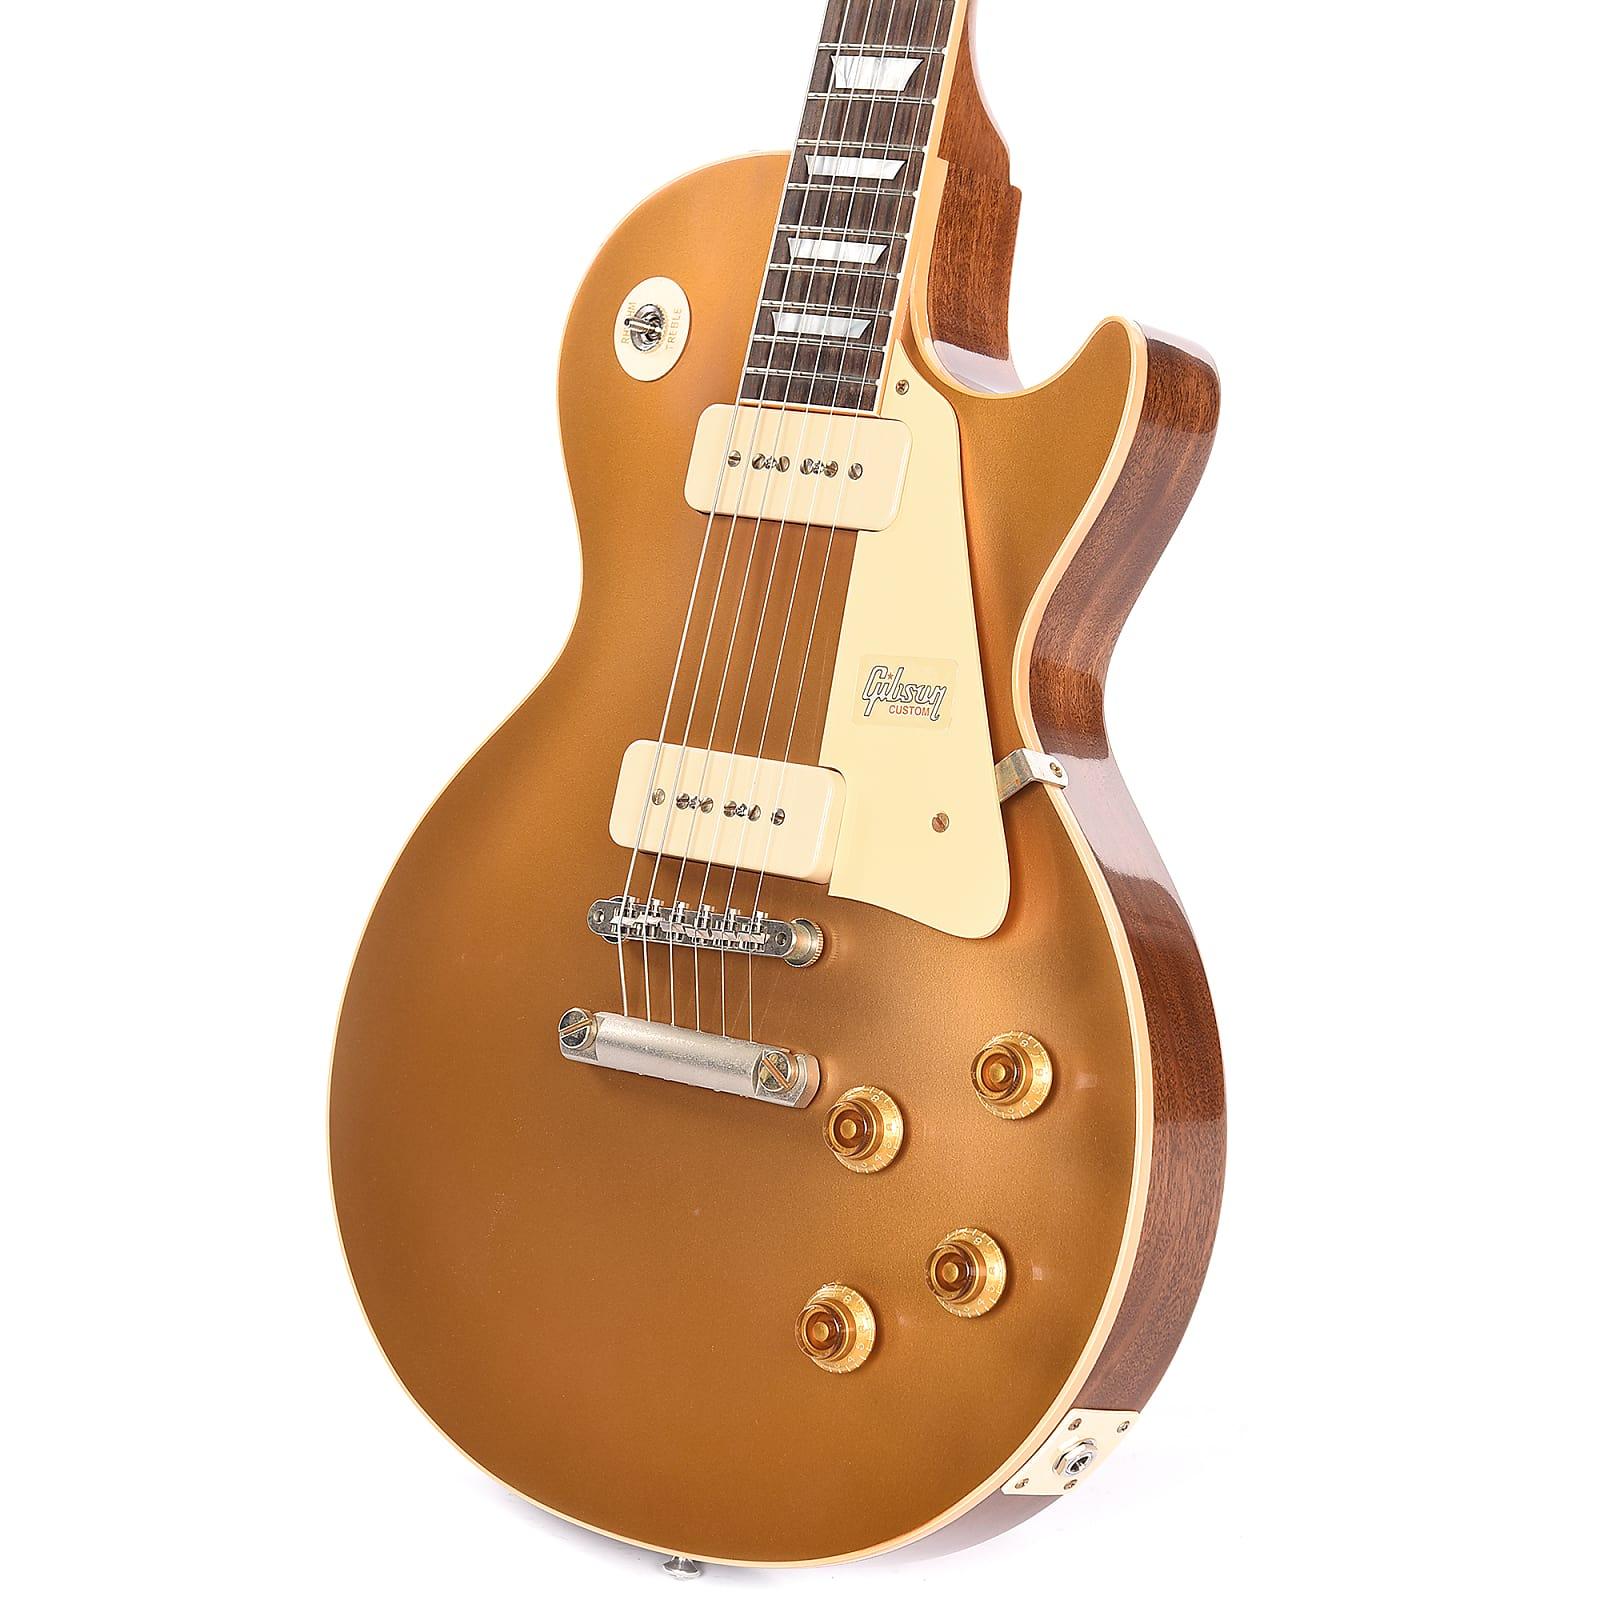 Gibson Custom 1956 Les Paul Goldtop VOS Serial 68150 Floor Model